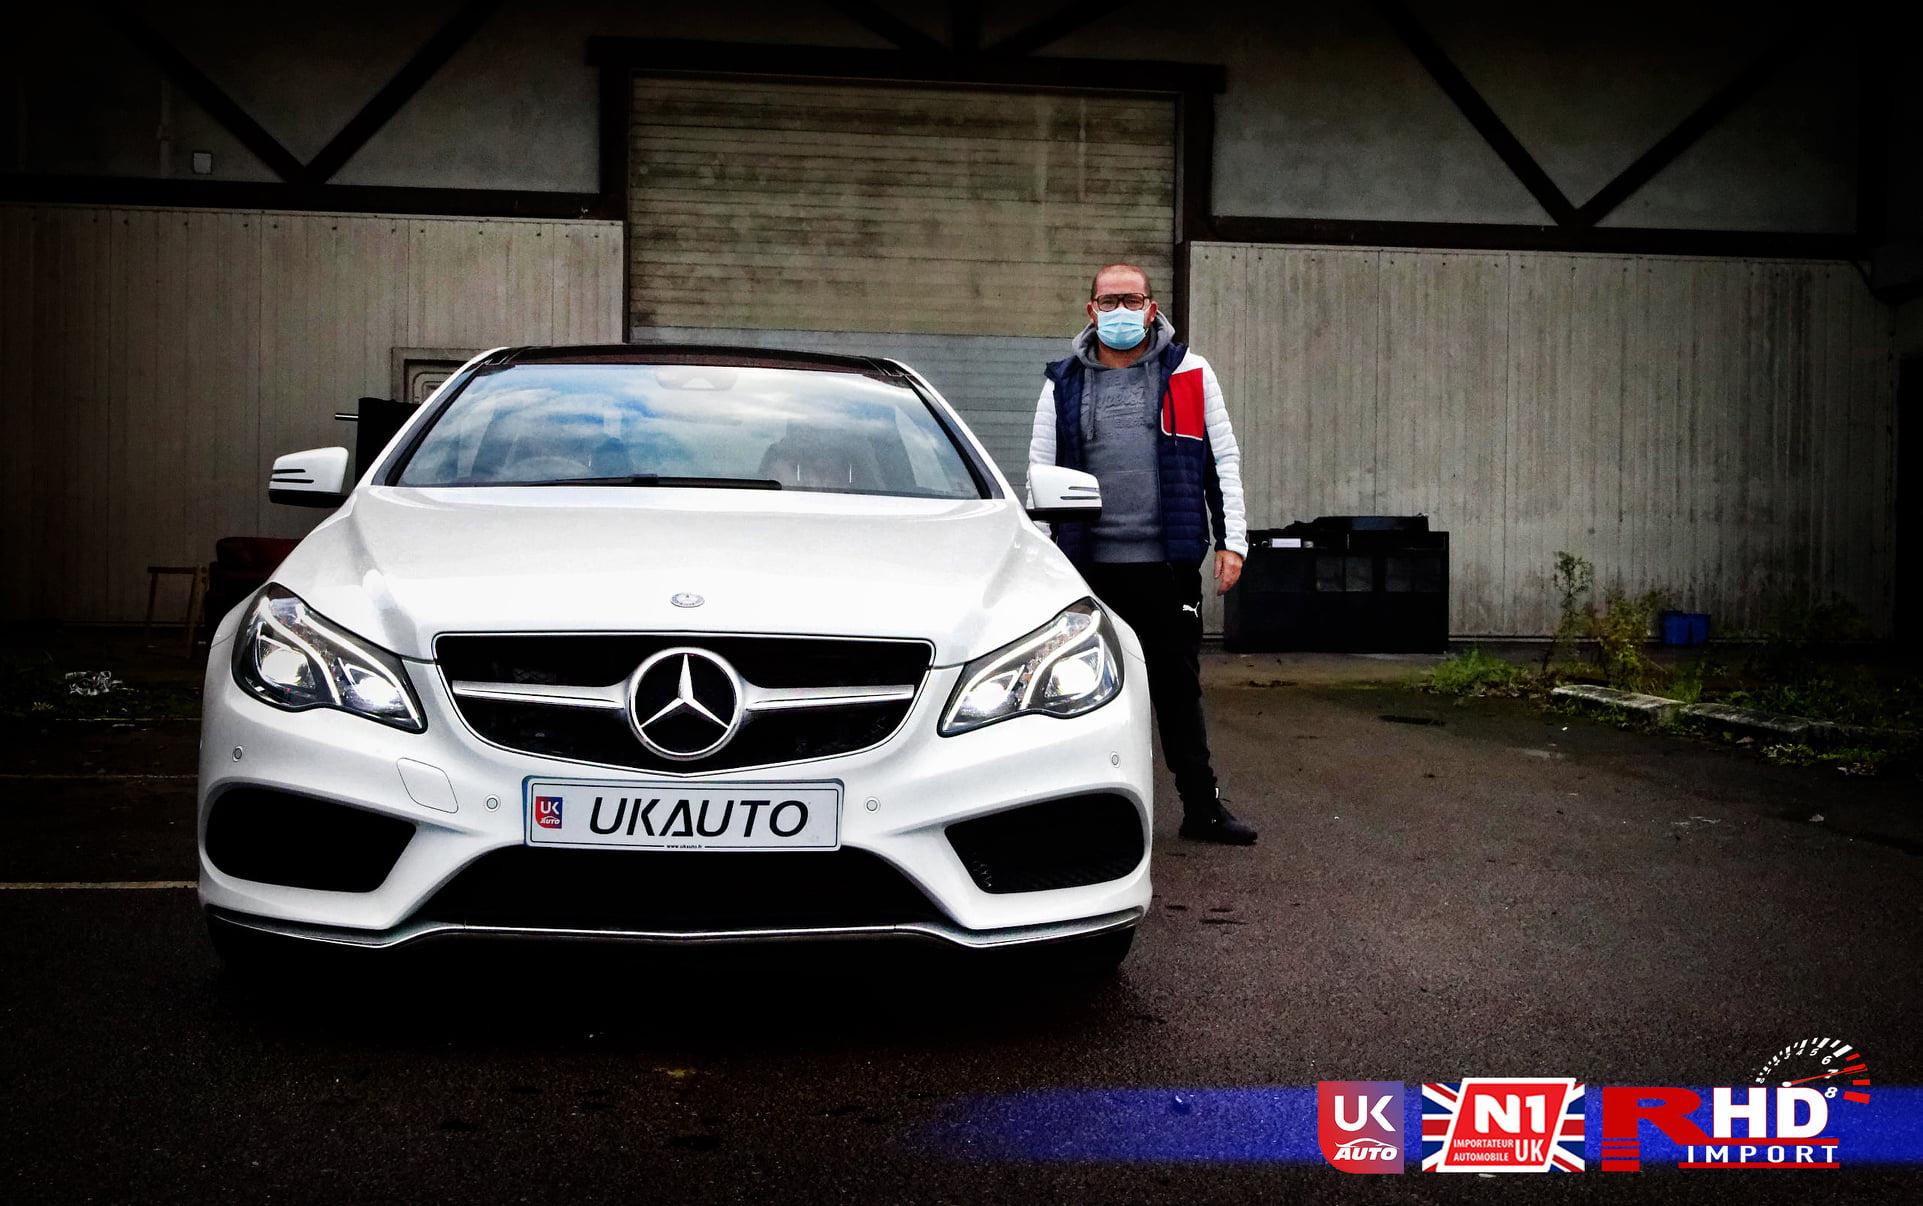 Frais de douane voiture Angleterre avec UKAUTO MERCEDES IMPORT8 - Frais de douane voiture Angleterre avec UKAUTO MERCEDES IMPORT